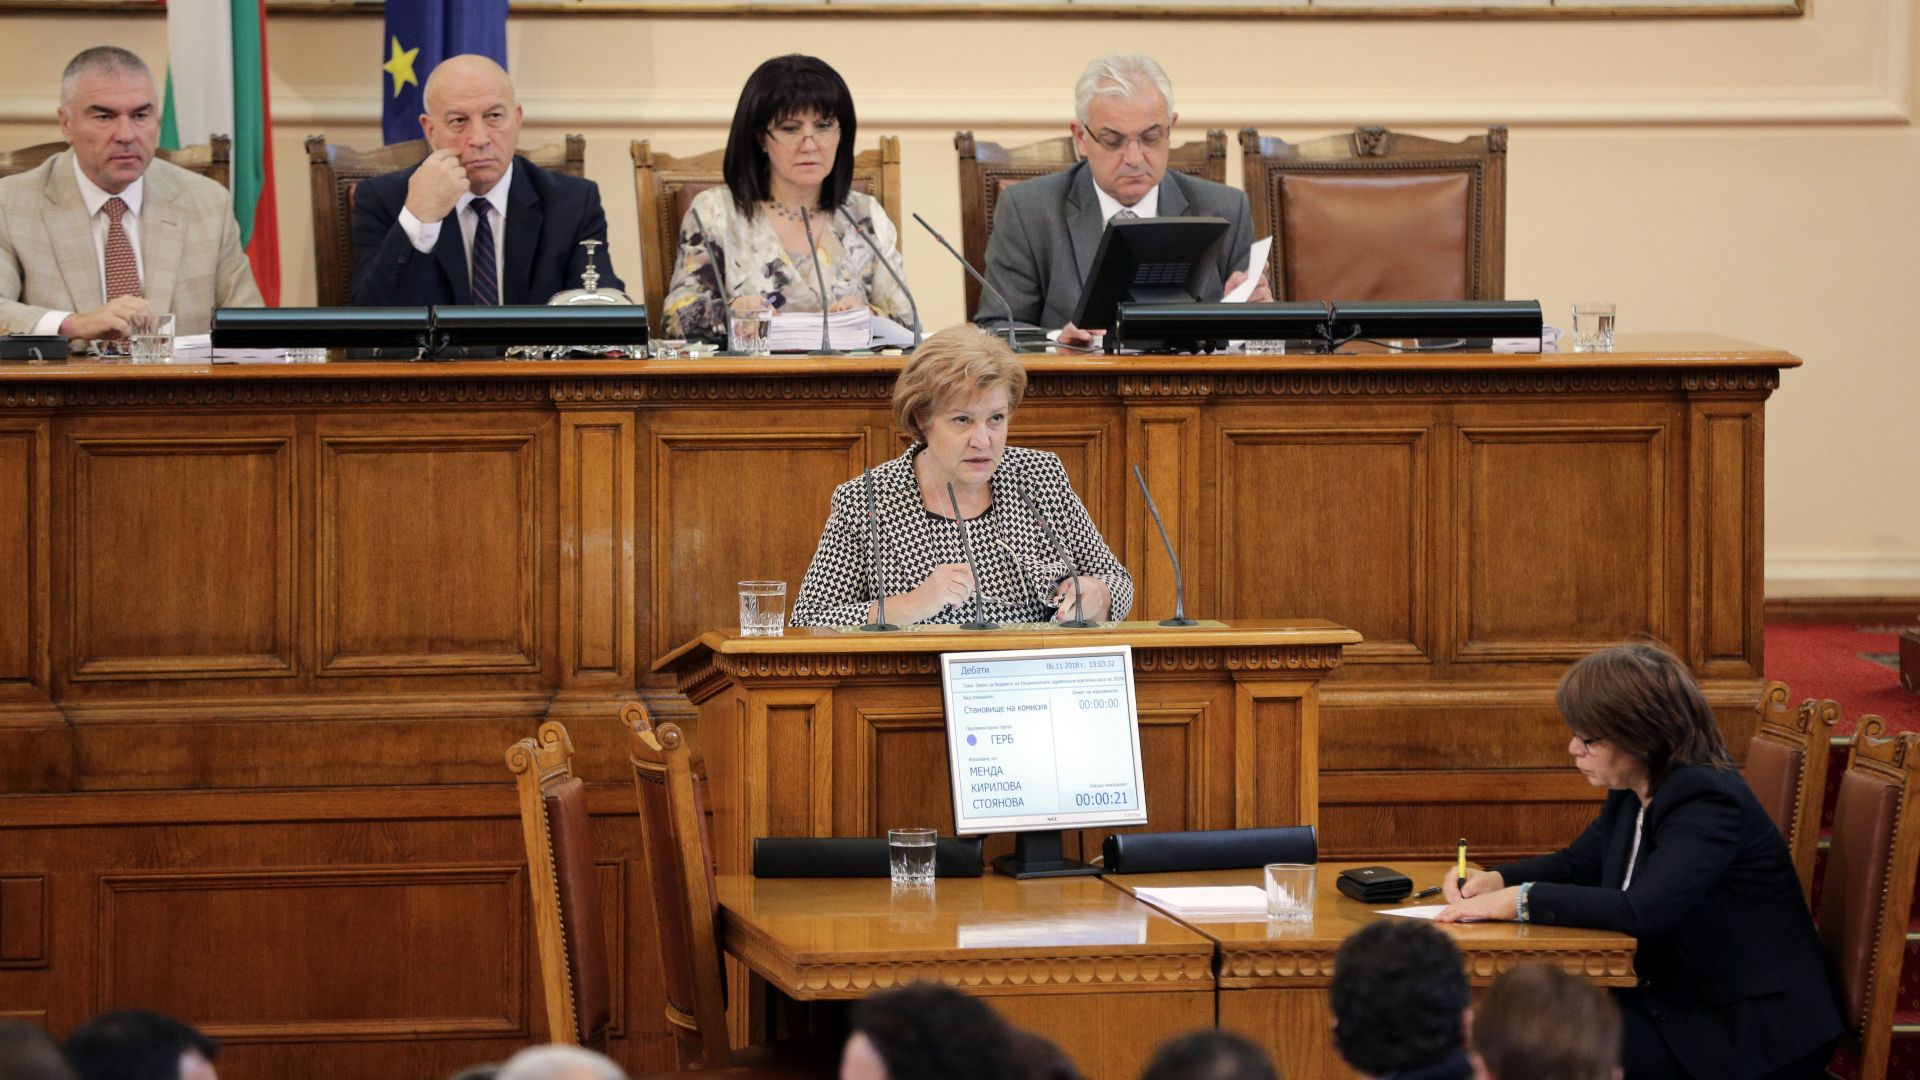 Менда Стоянова: Местата за настаняване в онлайн платформите да си плащат данъците